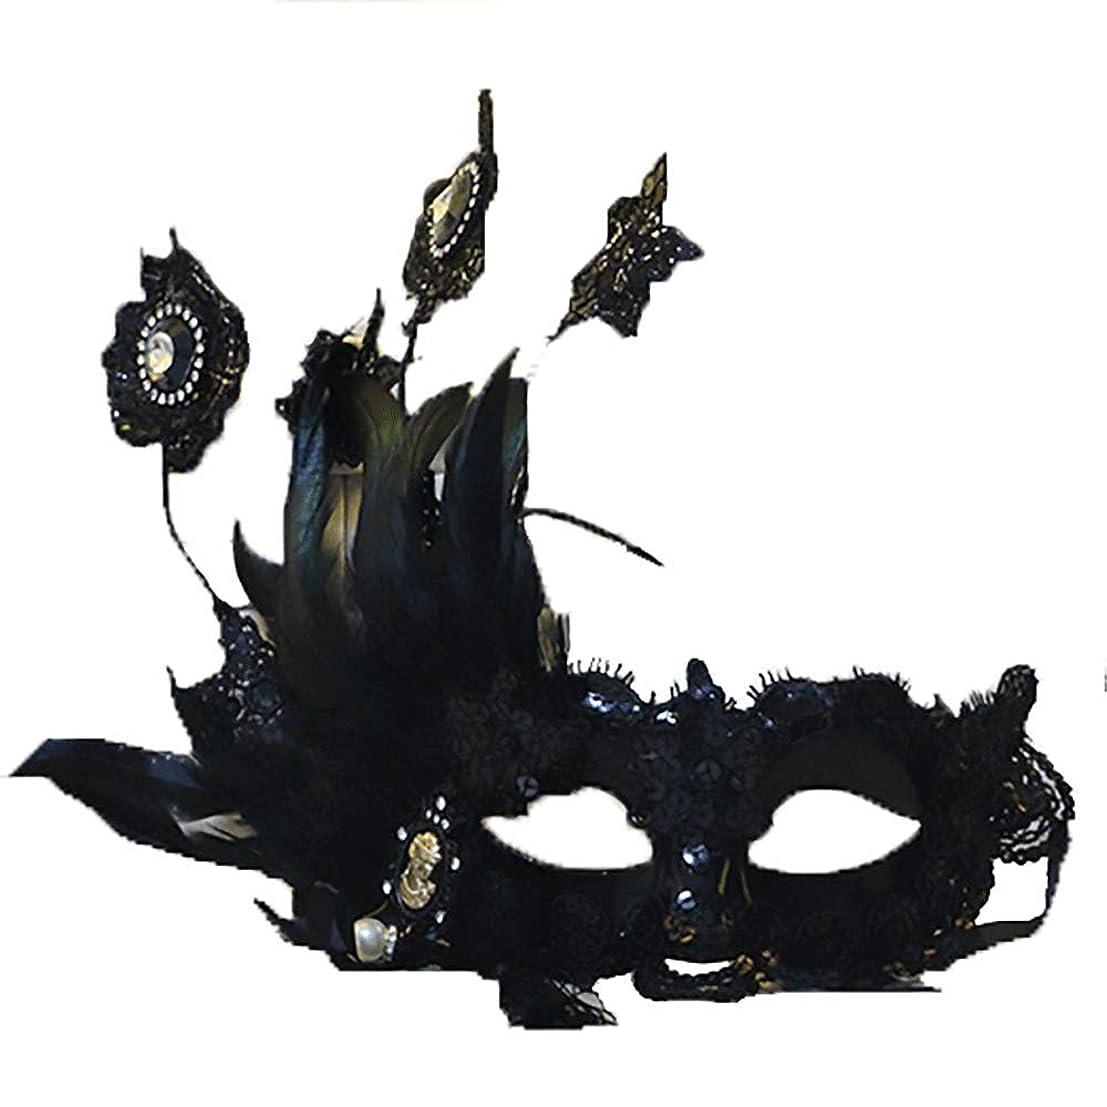 注目すべきイヤホンソフィーNanle Halloween Ornate Blackコロンビーナフェザーマスク